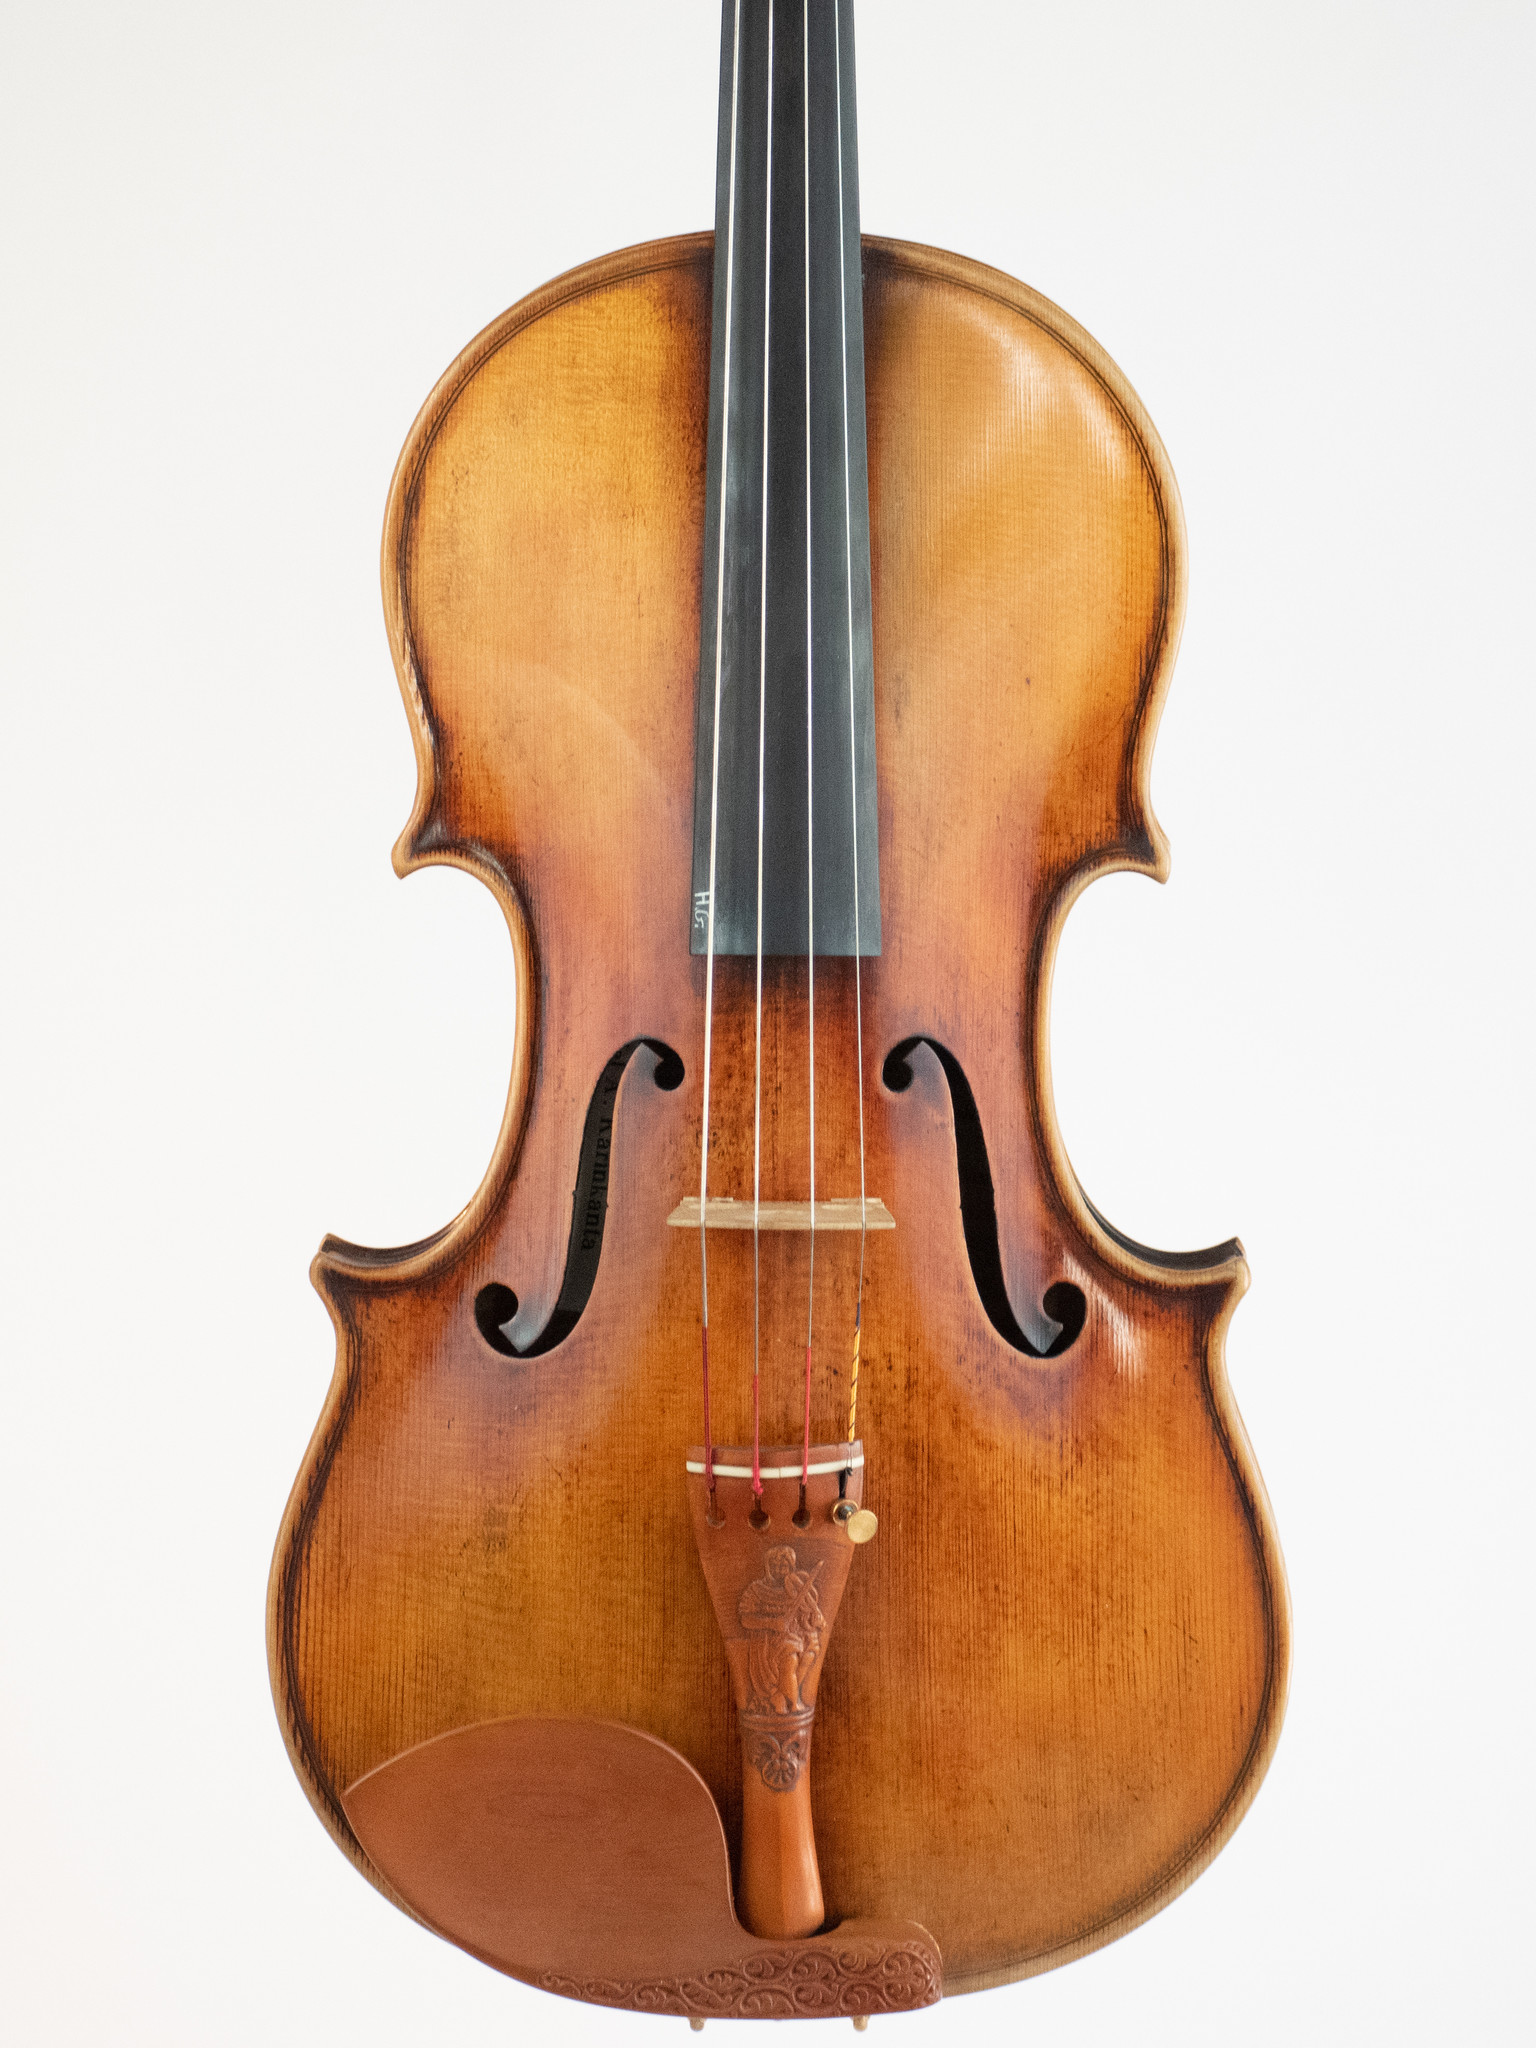 """Daniel Karinkanta 16.5"""" viola, antiqued Guarneri model, 2003, Buenos Aires, ARGENTINA"""